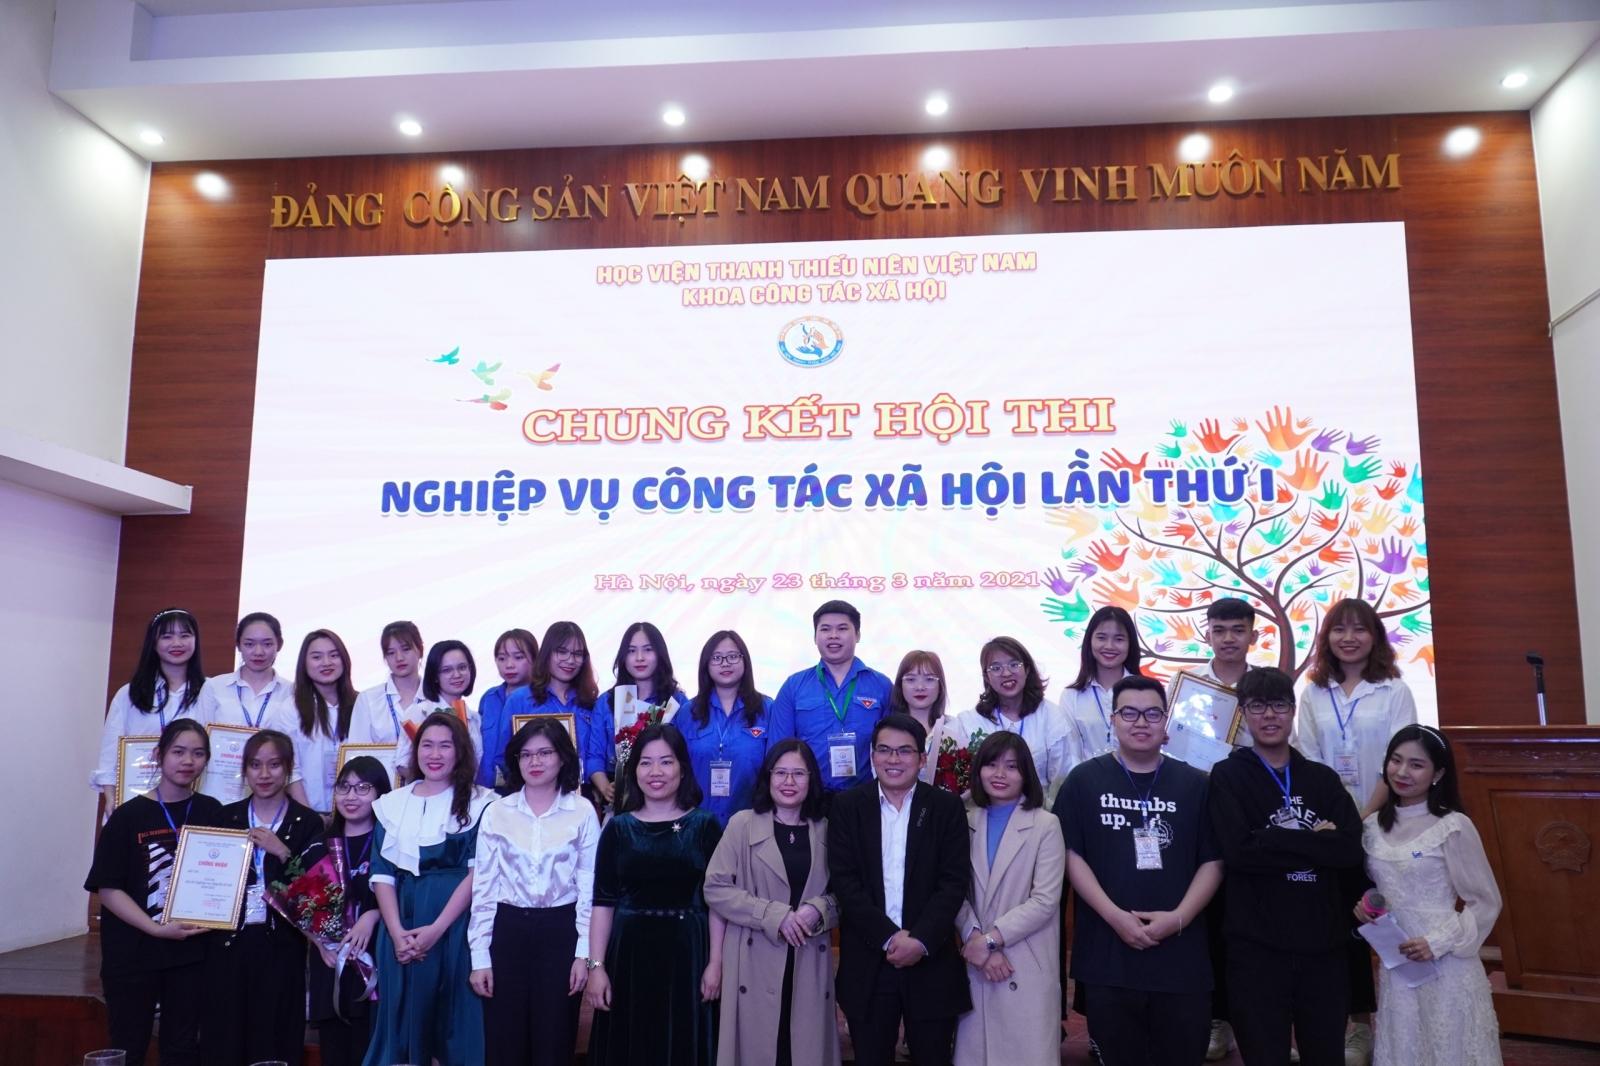 Học viện Thanh thiếu niên kỷ niệm ngày công tác xã hội